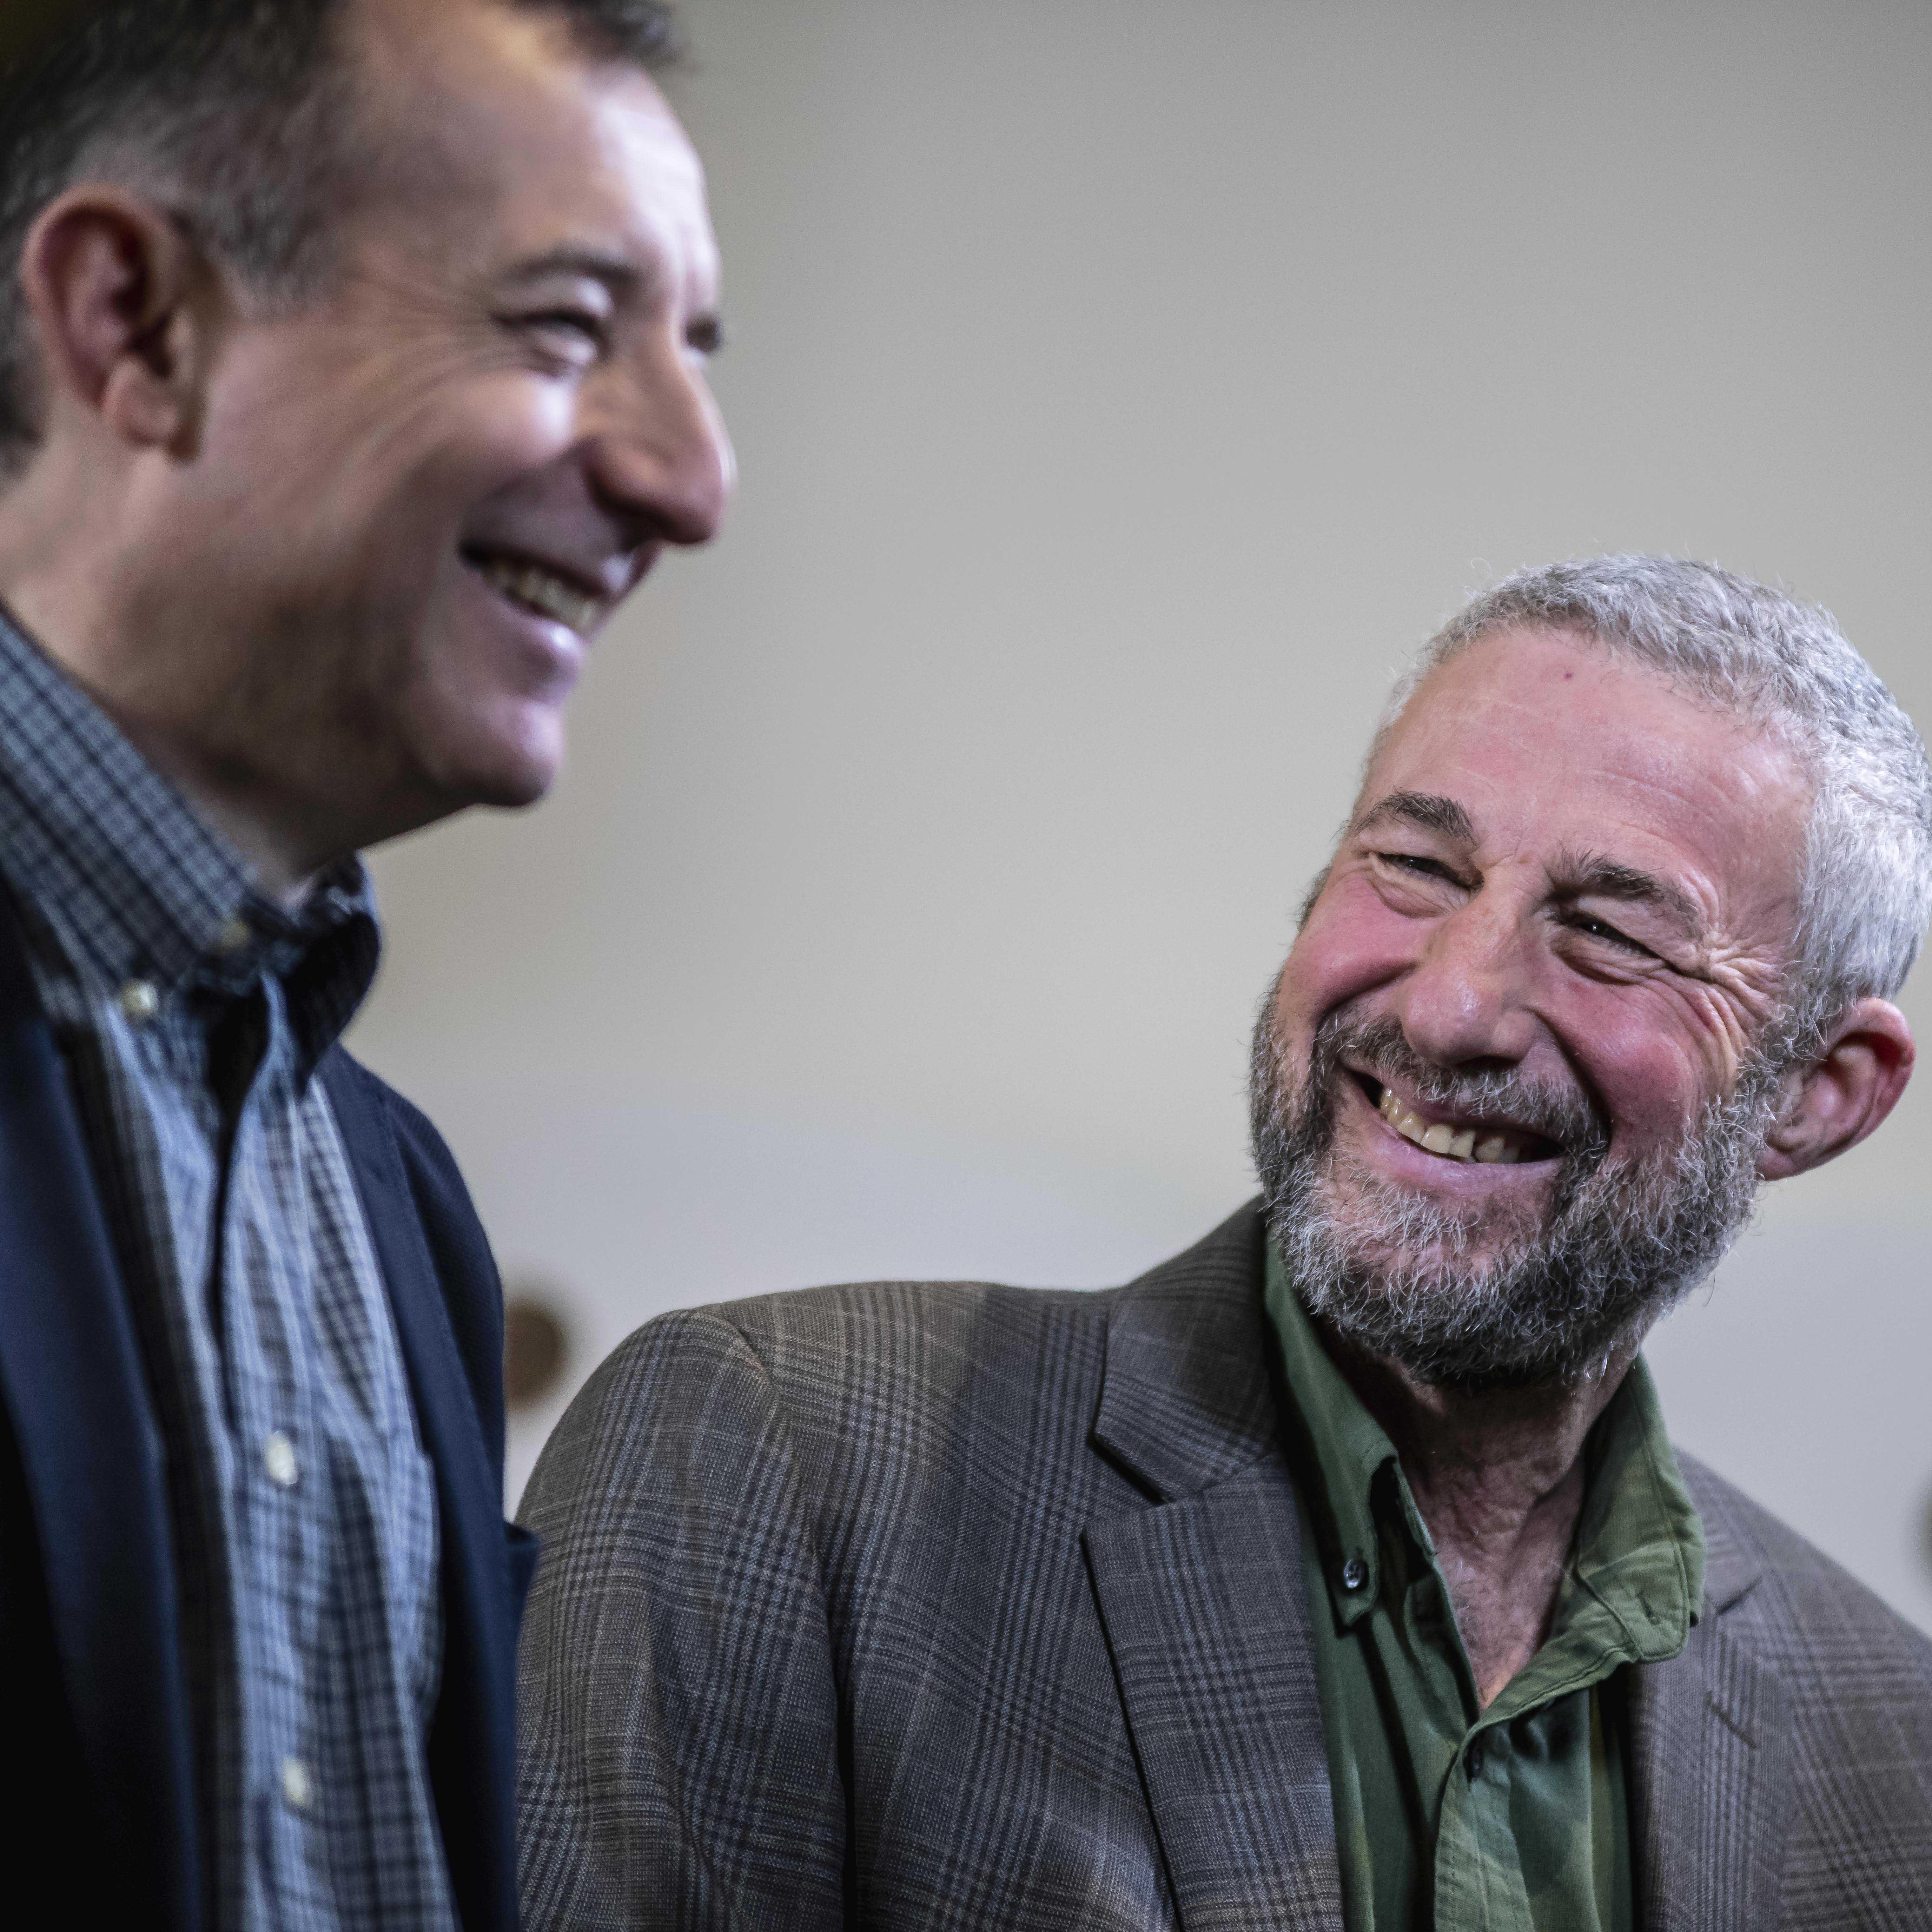 Encuentros cerveceros entre Ken Grossman y Antonio Fumanal